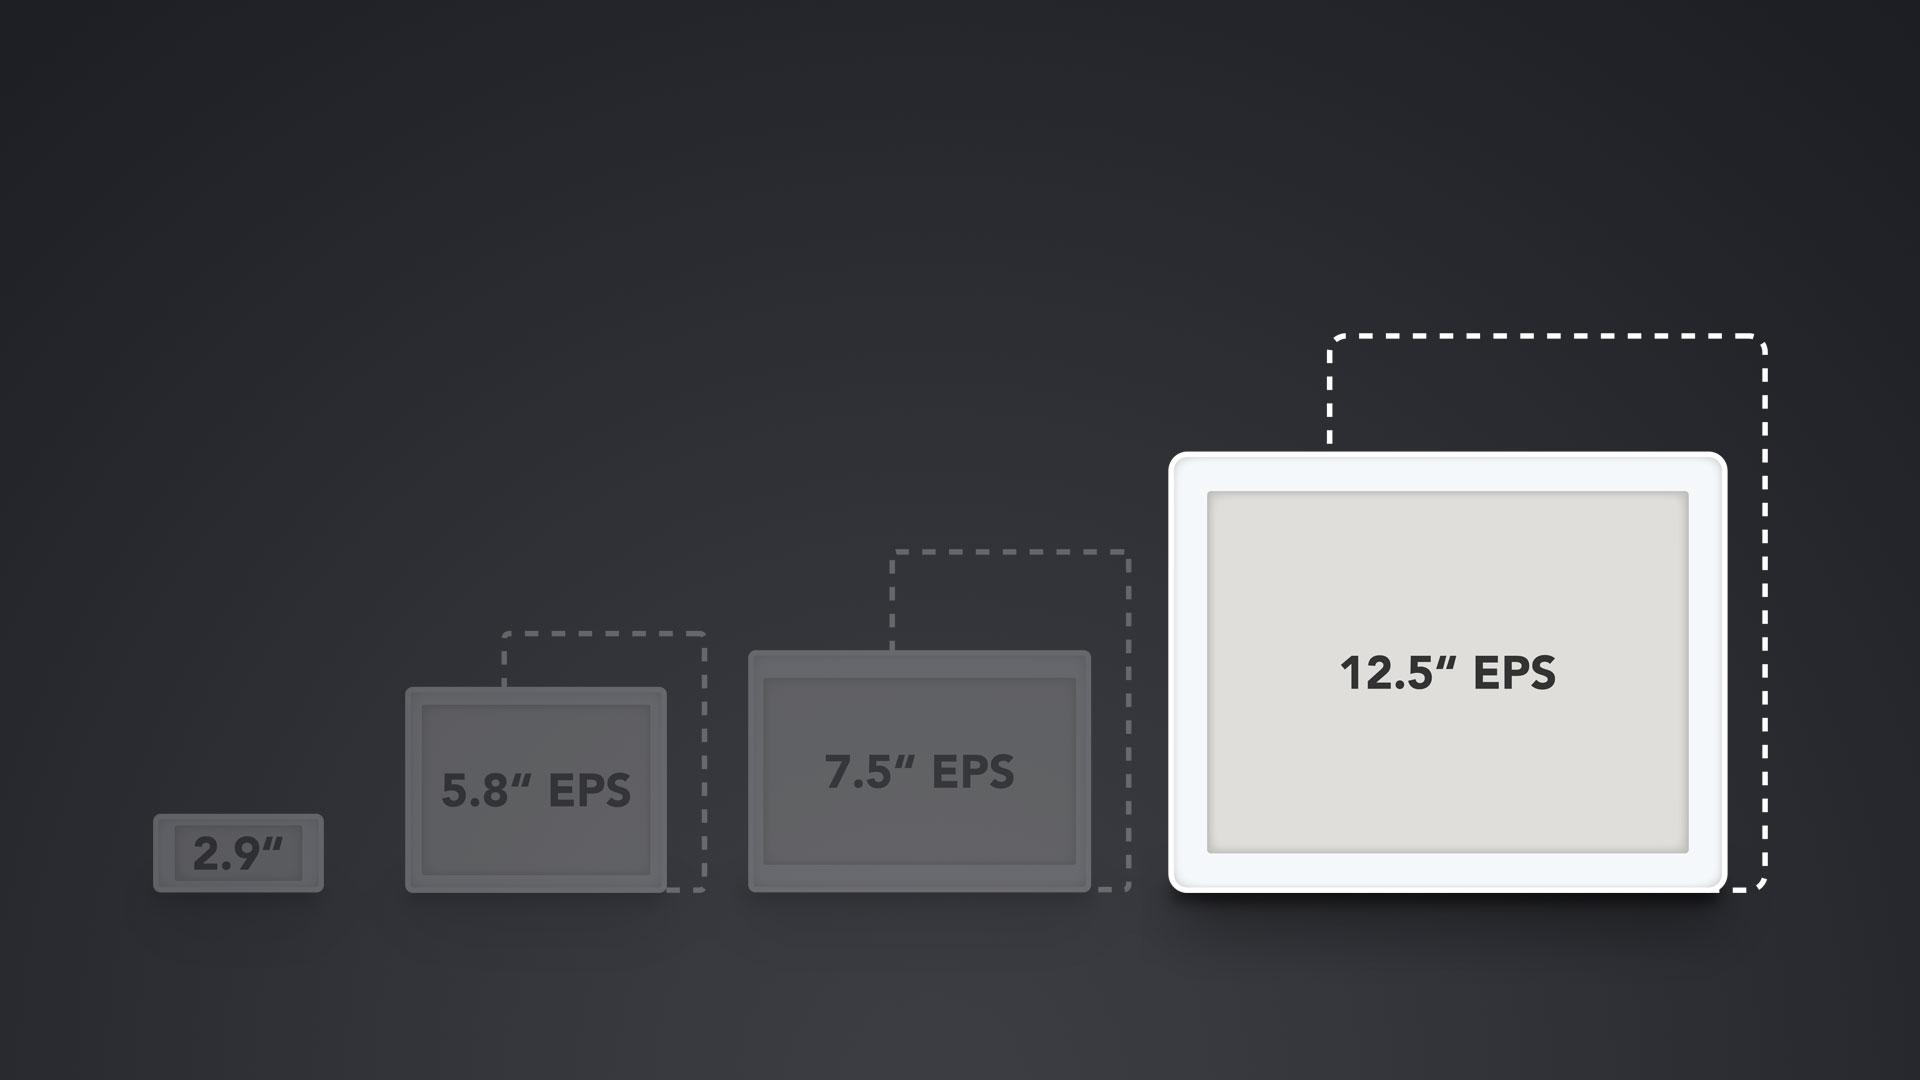 """Vergleich ESL Displays 12.5"""""""